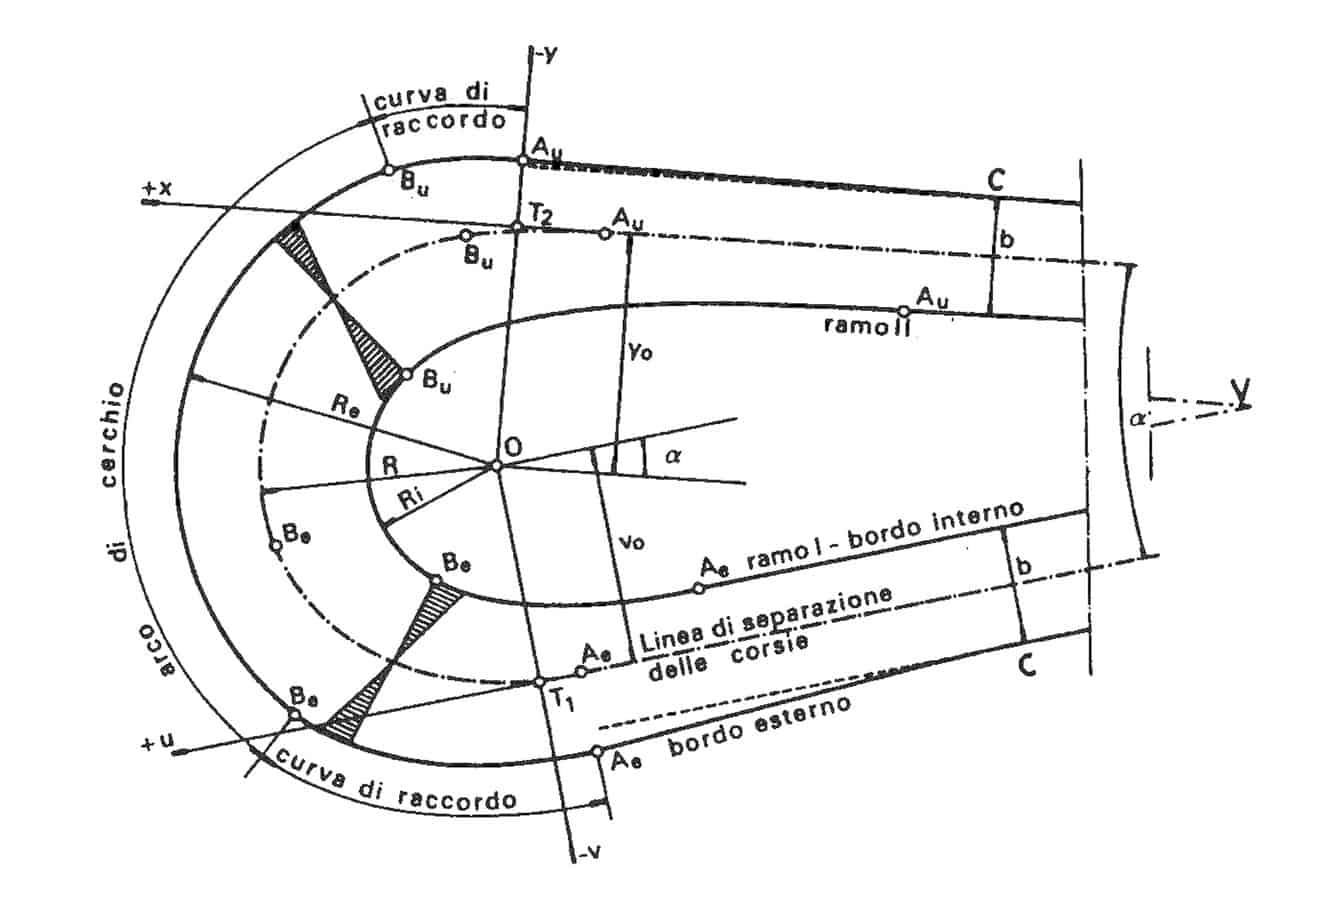 La progettazione geometrica di un tornante secondo la Norma svizzera SNV 640198